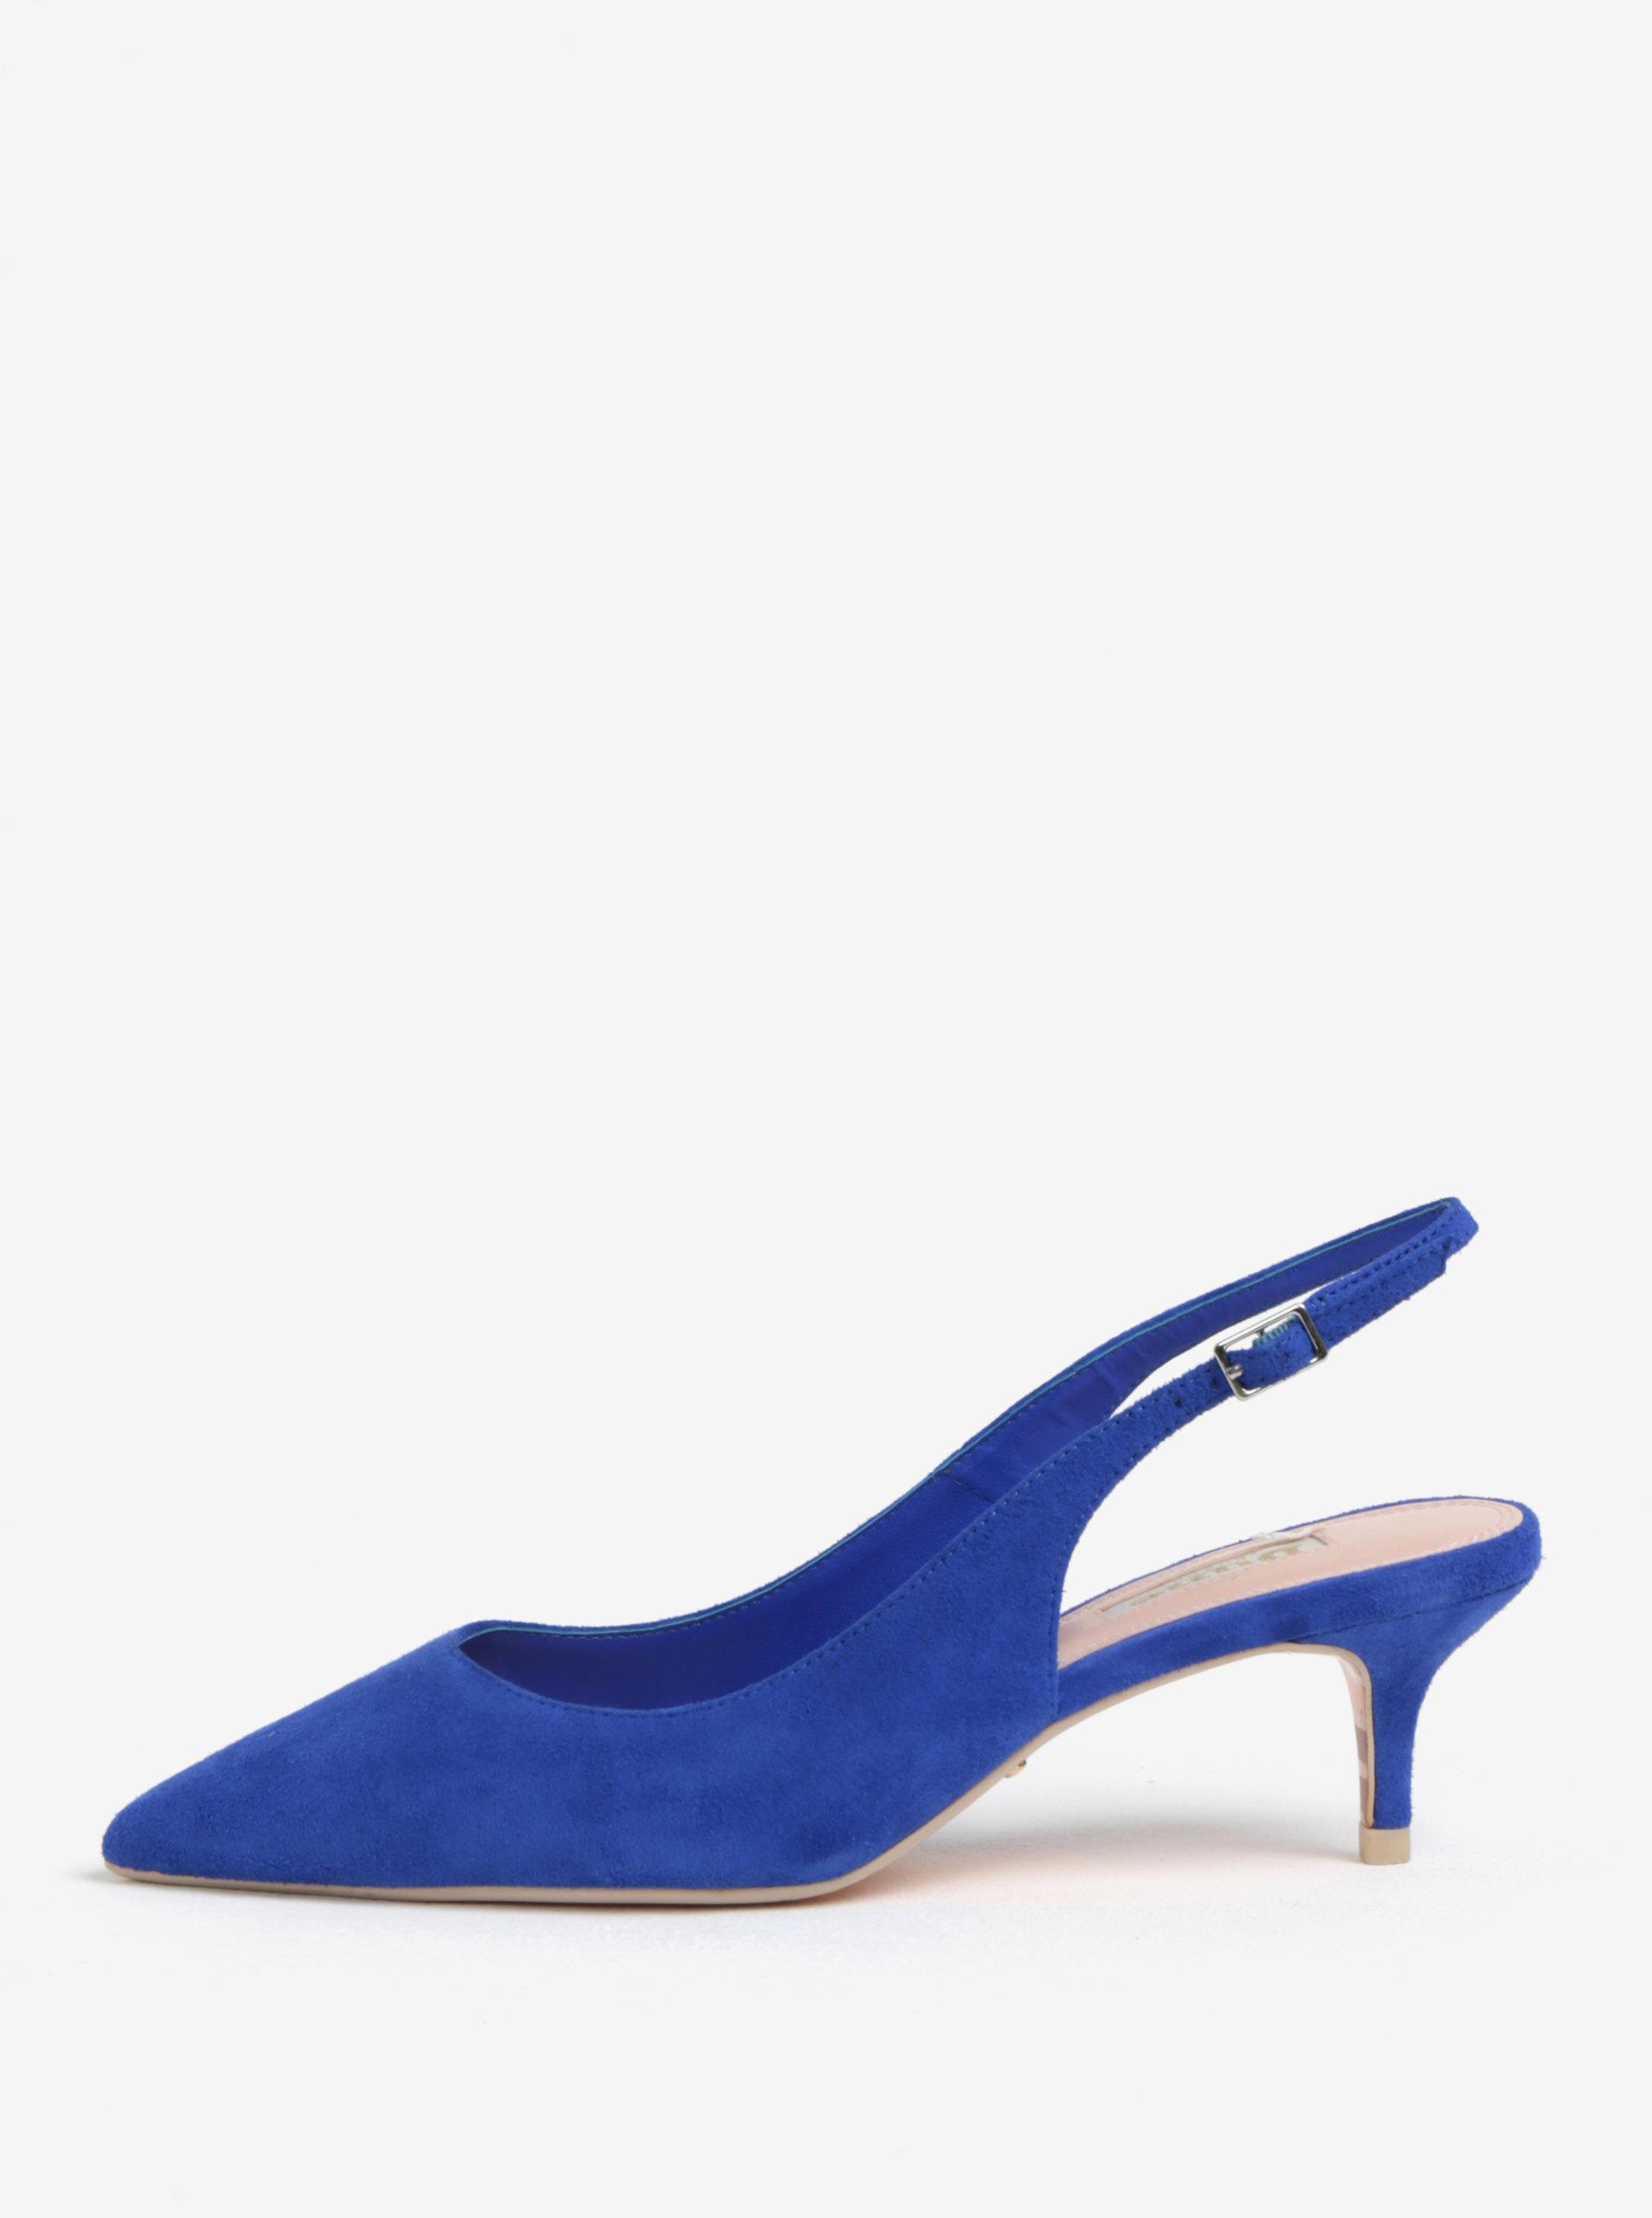 Modré semišové sandálky s otevřenou patou Dune London Casandra ... 4d91c295f2